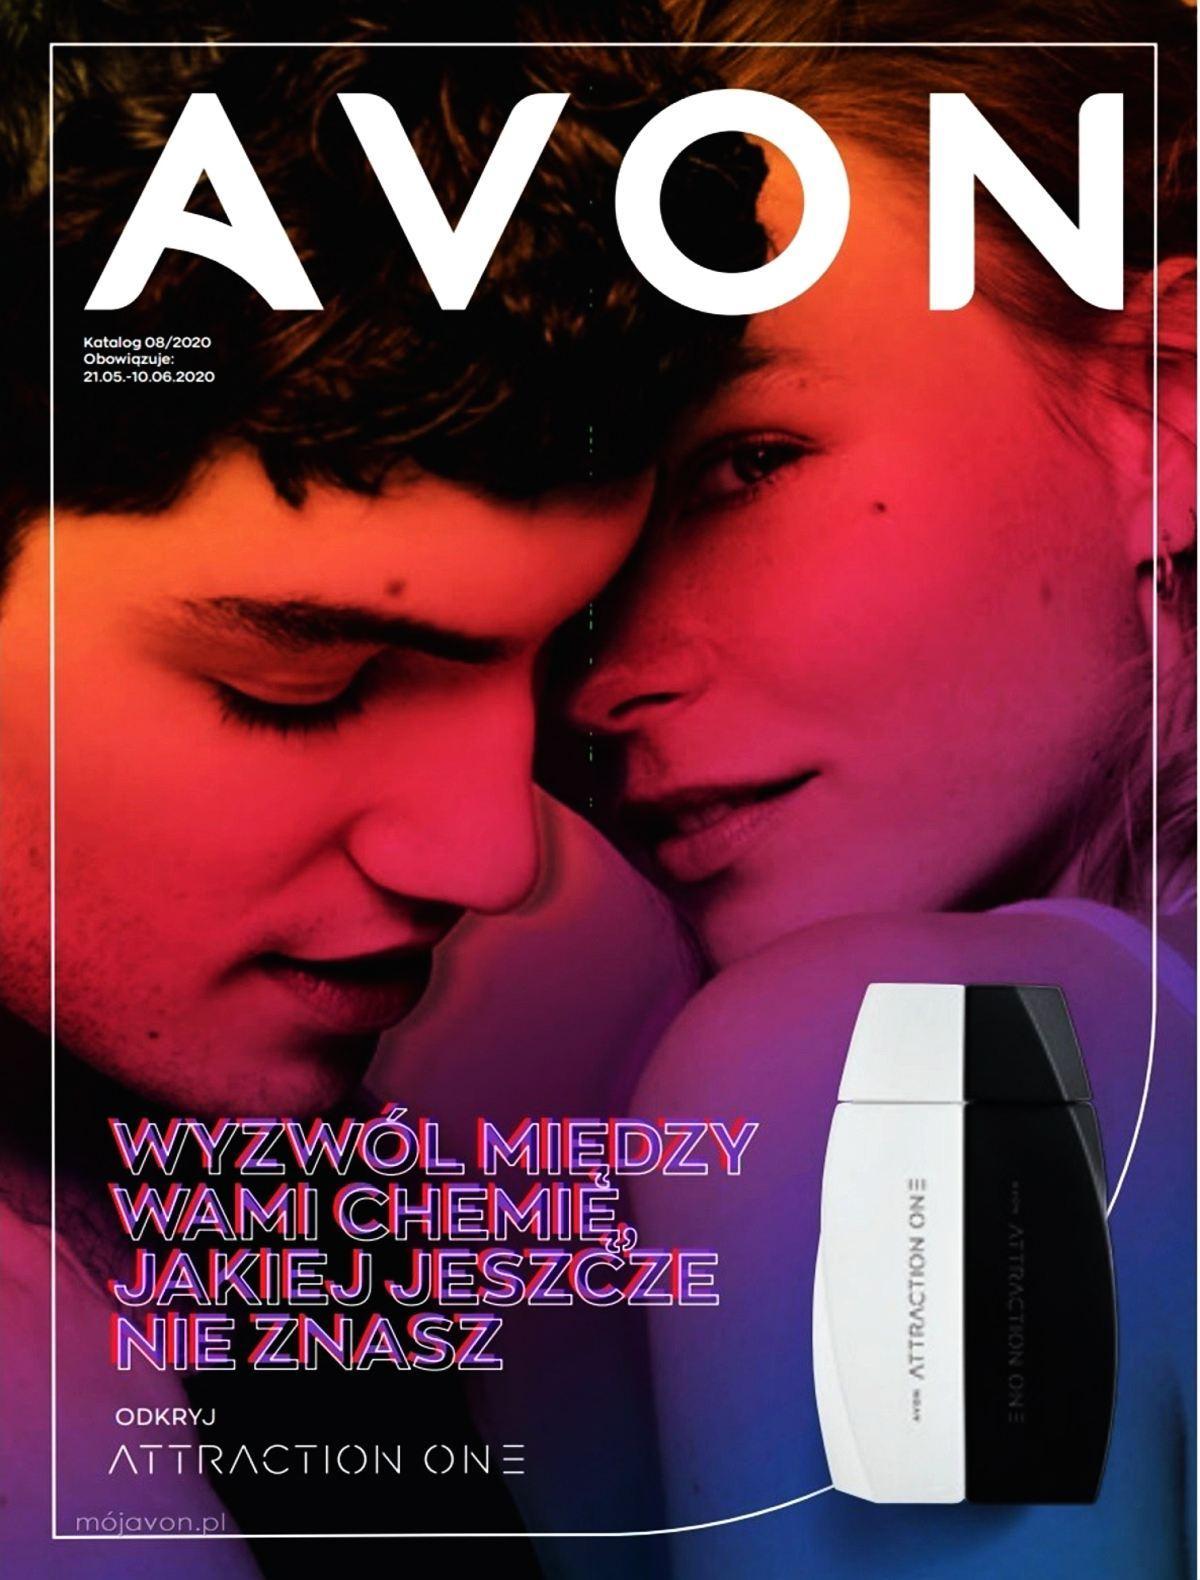 Gazetka promocyjna Avon do 10/06/2020 str.1